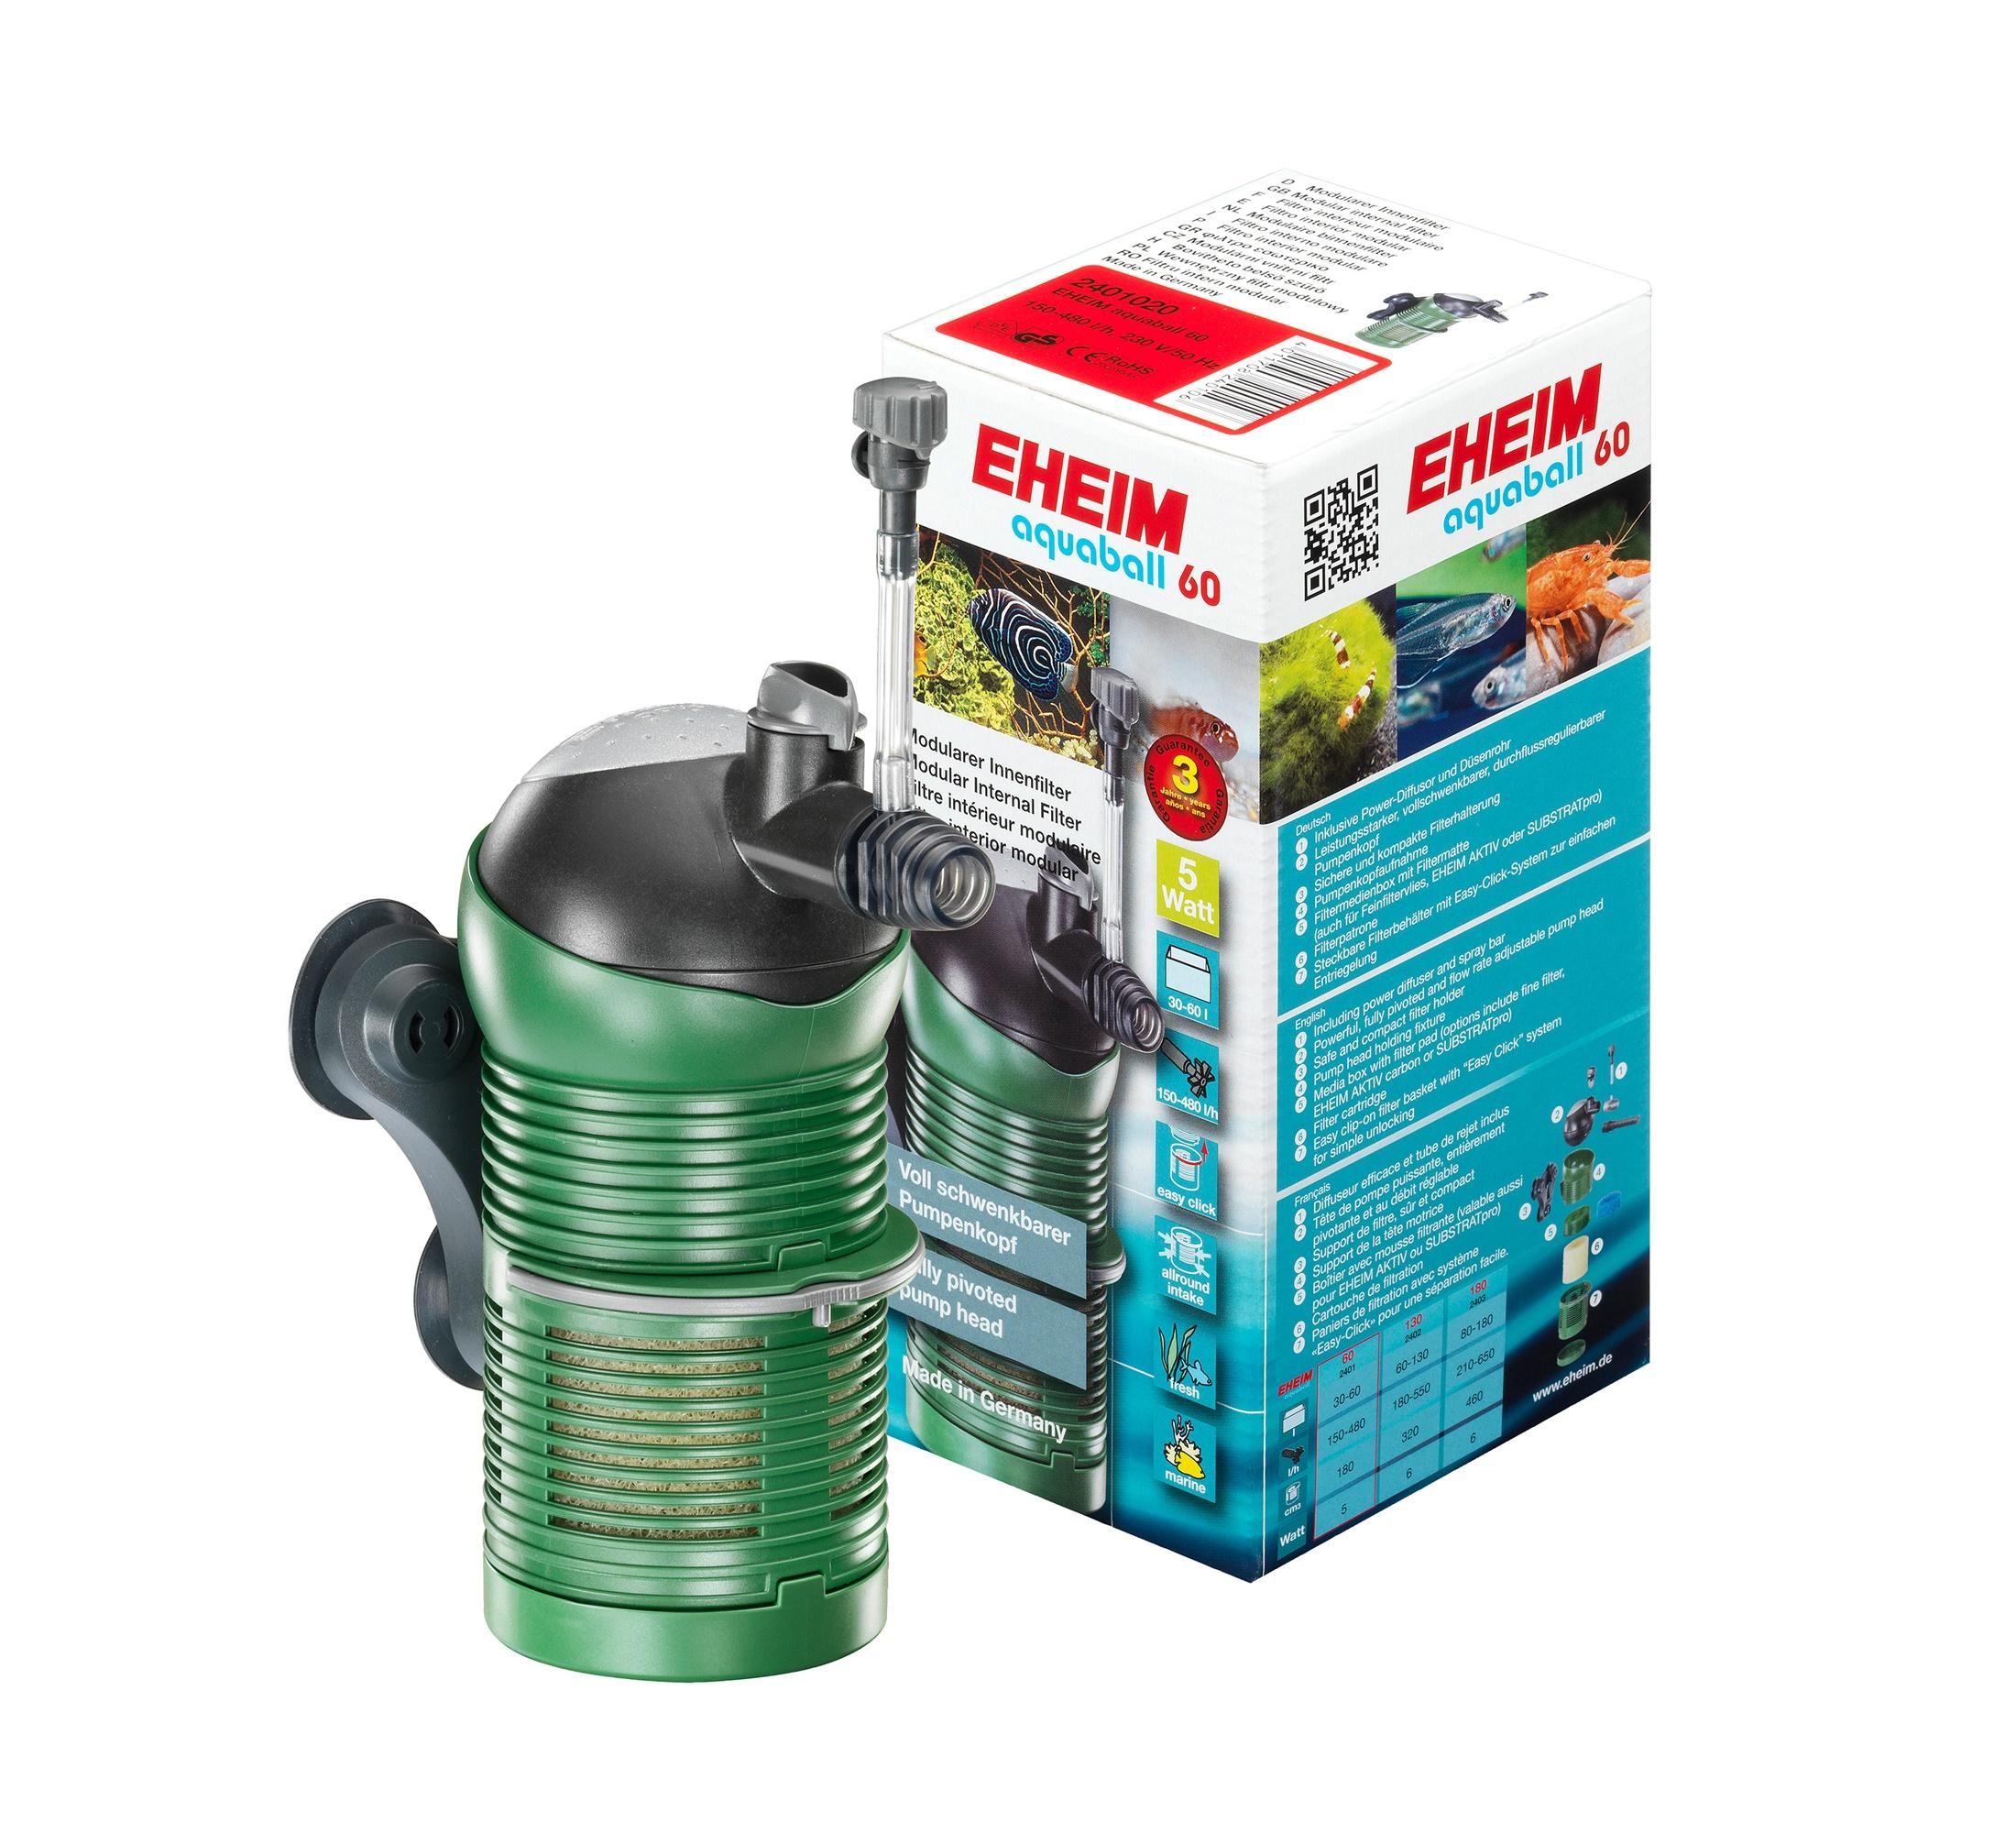 EHEIM Aquaball 60 (2401) modulárny vnútorný filter